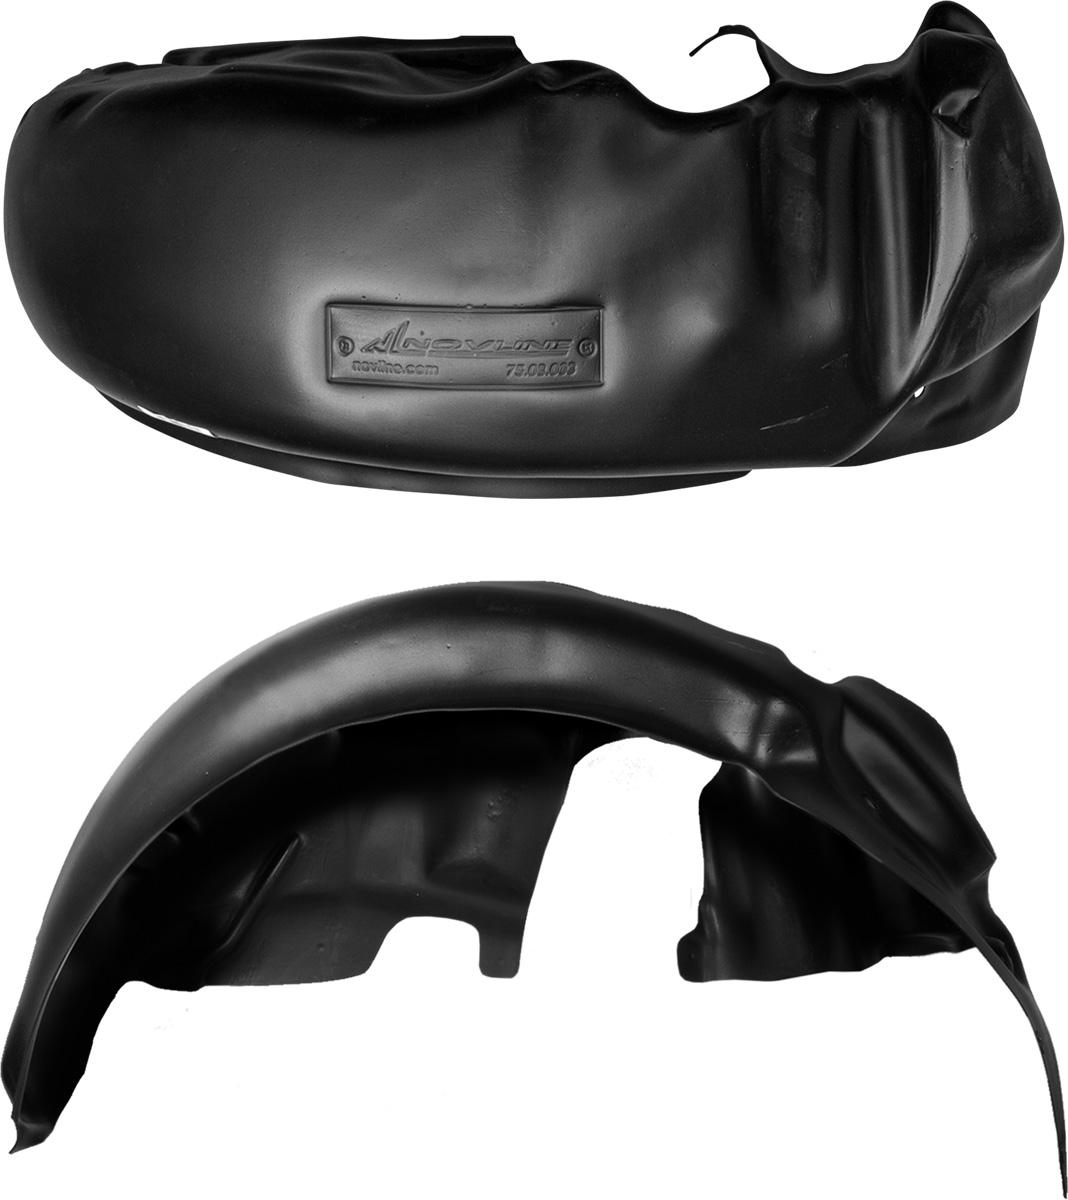 Подкрылок Novline-Autofamily, для Renault Sandero Stepway, 2010-2014, задний правыйALLDRIVE 501Колесные ниши - одни из самых уязвимых зон днища вашего автомобиля. Они постоянно подвергаются воздействию со стороны дороги. Лучшая, почти абсолютная защита для них - специально отформованные пластиковые кожухи, которые называются подкрылками. Производятся они как для отечественных моделей автомобилей, так и для иномарок. Подкрылки Novline-Autofamily выполнены из высококачественного, экологически чистого пластика. Обеспечивают надежную защиту кузова автомобиля от пескоструйного эффекта и негативного влияния, агрессивных антигололедных реагентов. Пластик обладает более низкой теплопроводностью, чем металл, поэтому в зимний период эксплуатации использование пластиковых подкрылков позволяет лучше защитить колесные ниши от налипания снега и образования наледи. Оригинальность конструкции подчеркивает элегантность автомобиля, бережно защищает нанесенное на днище кузова антикоррозийное покрытие и позволяет осуществить крепление подкрылков внутри колесной арки практически без дополнительного крепежа и сверления, не нарушая при этом лакокрасочного покрытия, что предотвращает возникновение новых очагов коррозии. Подкрылки долговечны, обладают высокой прочностью и сохраняют заданную форму, а также все свои физико-механические характеристики в самых тяжелых климатических условиях (от -50°С до +50°С).Уважаемые клиенты!Обращаем ваше внимание, на тот факт, что подкрылок имеет форму, соответствующую модели данного автомобиля. Фото служит для визуального восприятия товара.